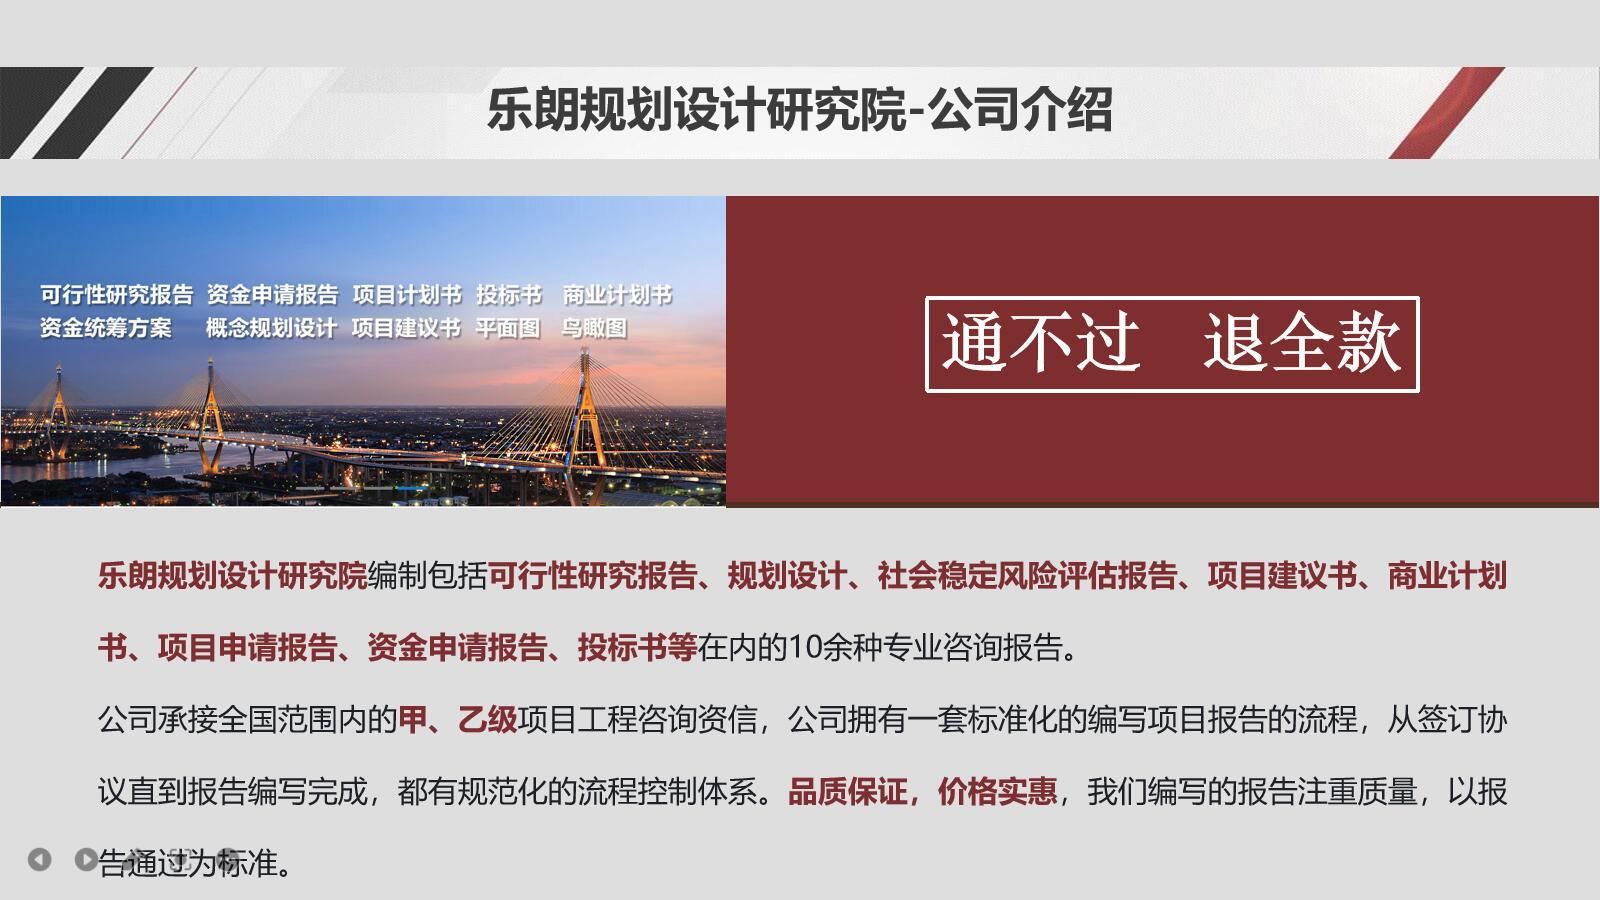 邵阳代做项目计划书的公司-硕博团队编制